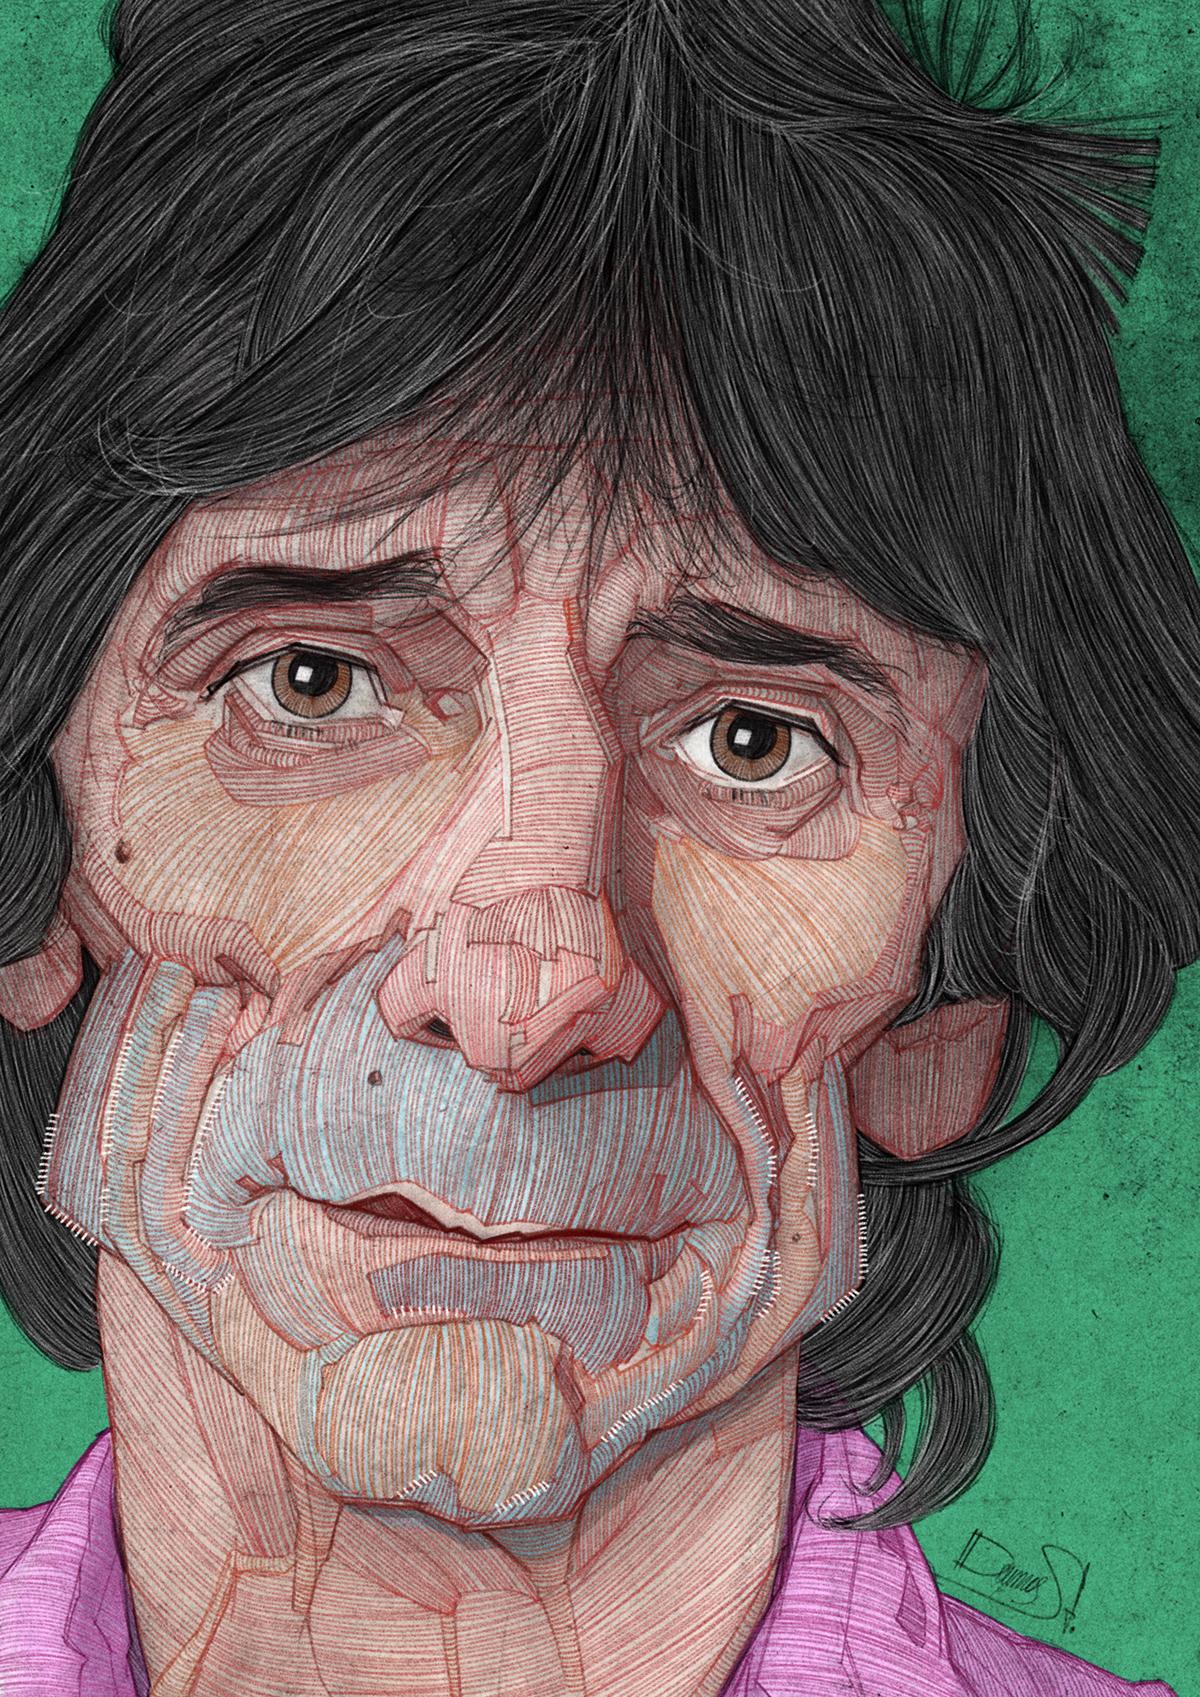 famous,caricature  ,portrait,pop,artistic,editorial,rock,legend,band,best,sketch